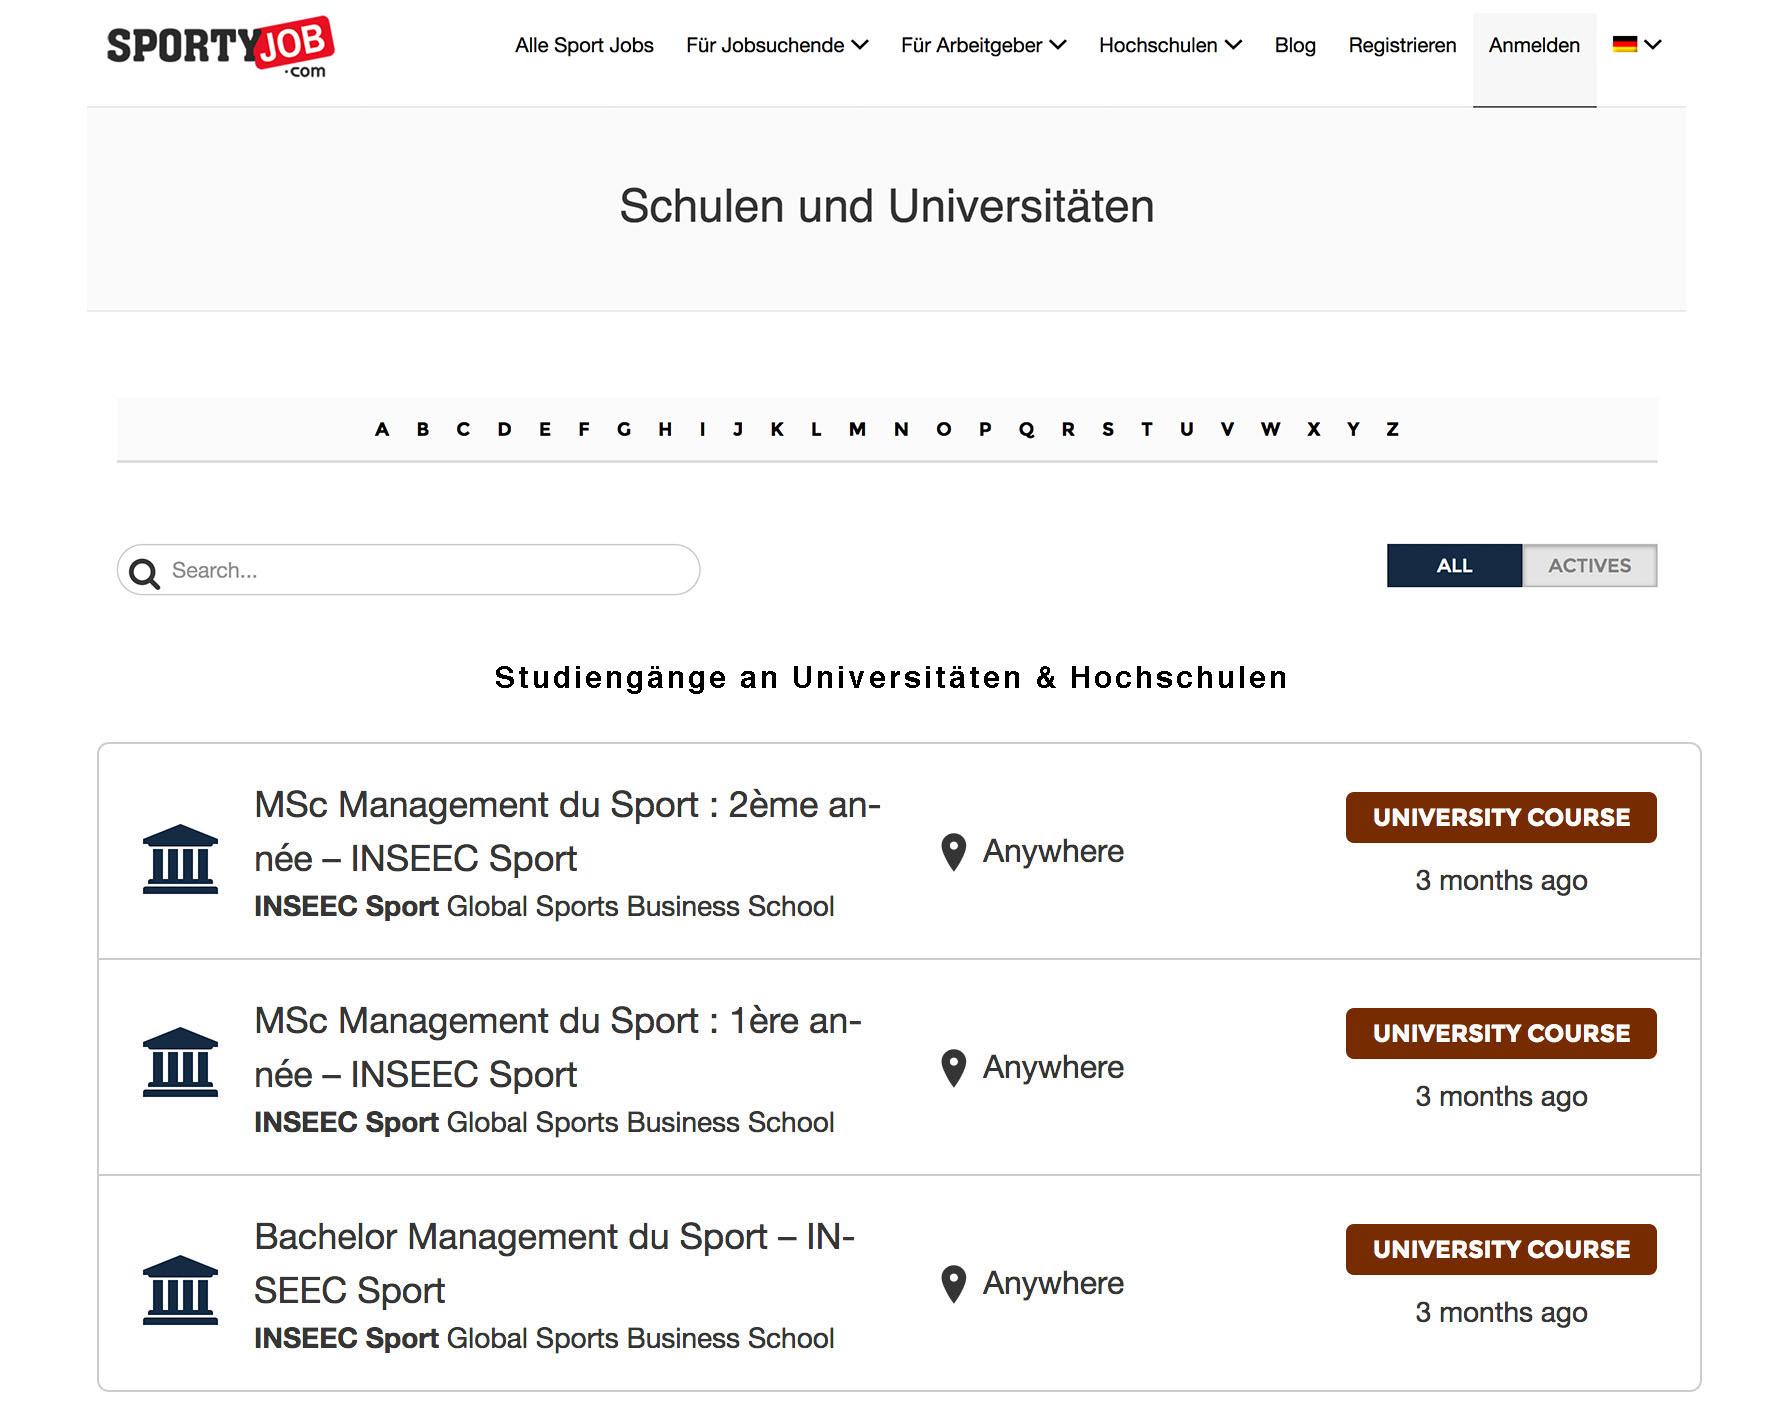 Verzeichnis für Universitäten und Hochschulen und der angebotenen Sport-bezogenen Studiengänge